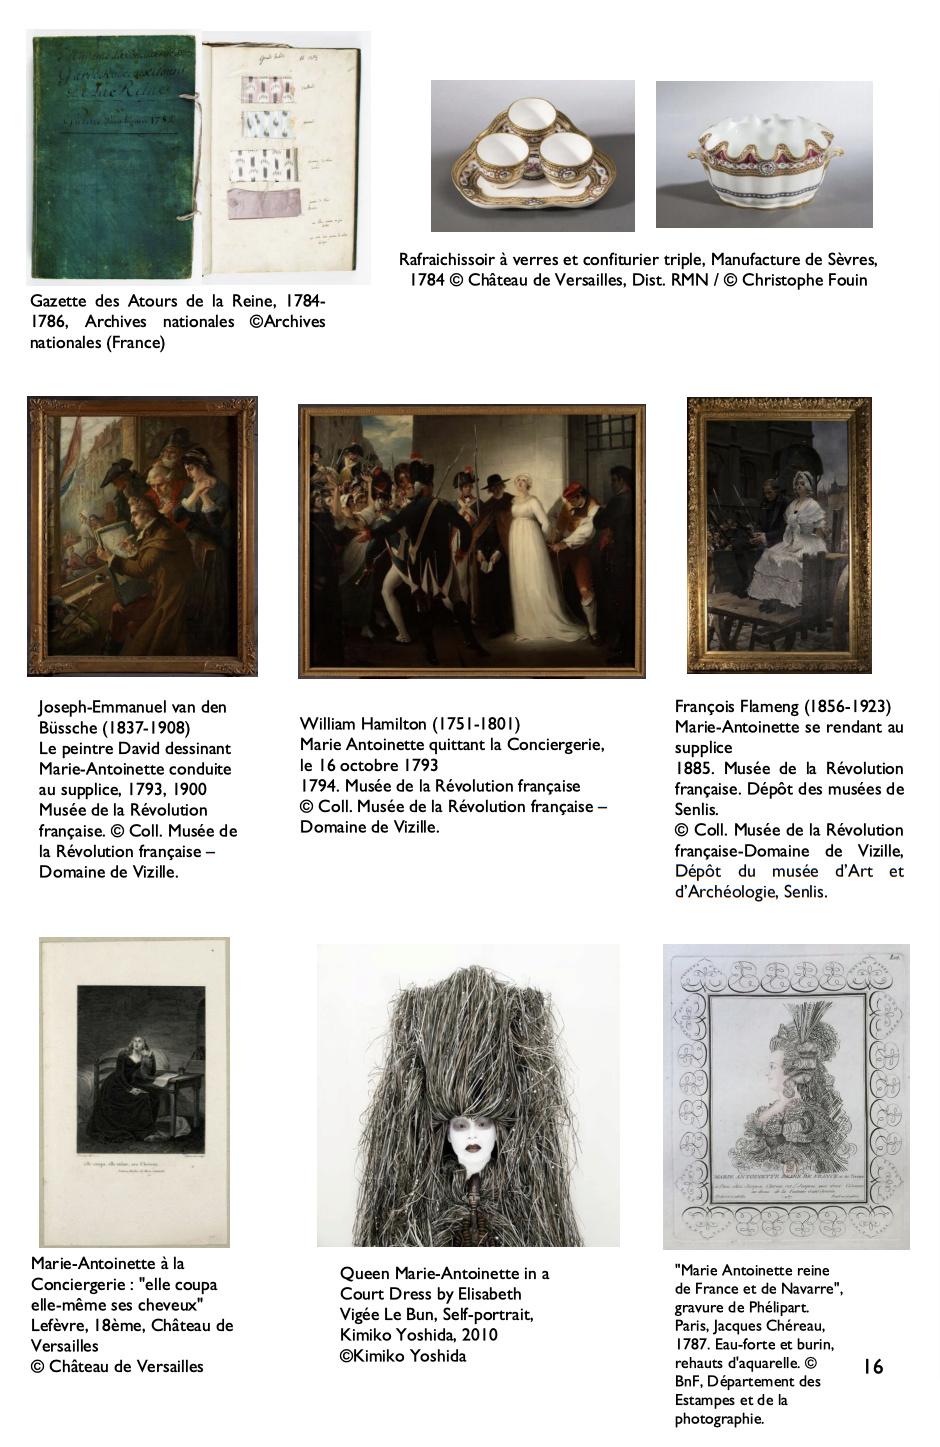 Exposition à la Conciergerie : Marie-Antoinette, métamorphoses d'une image  B16